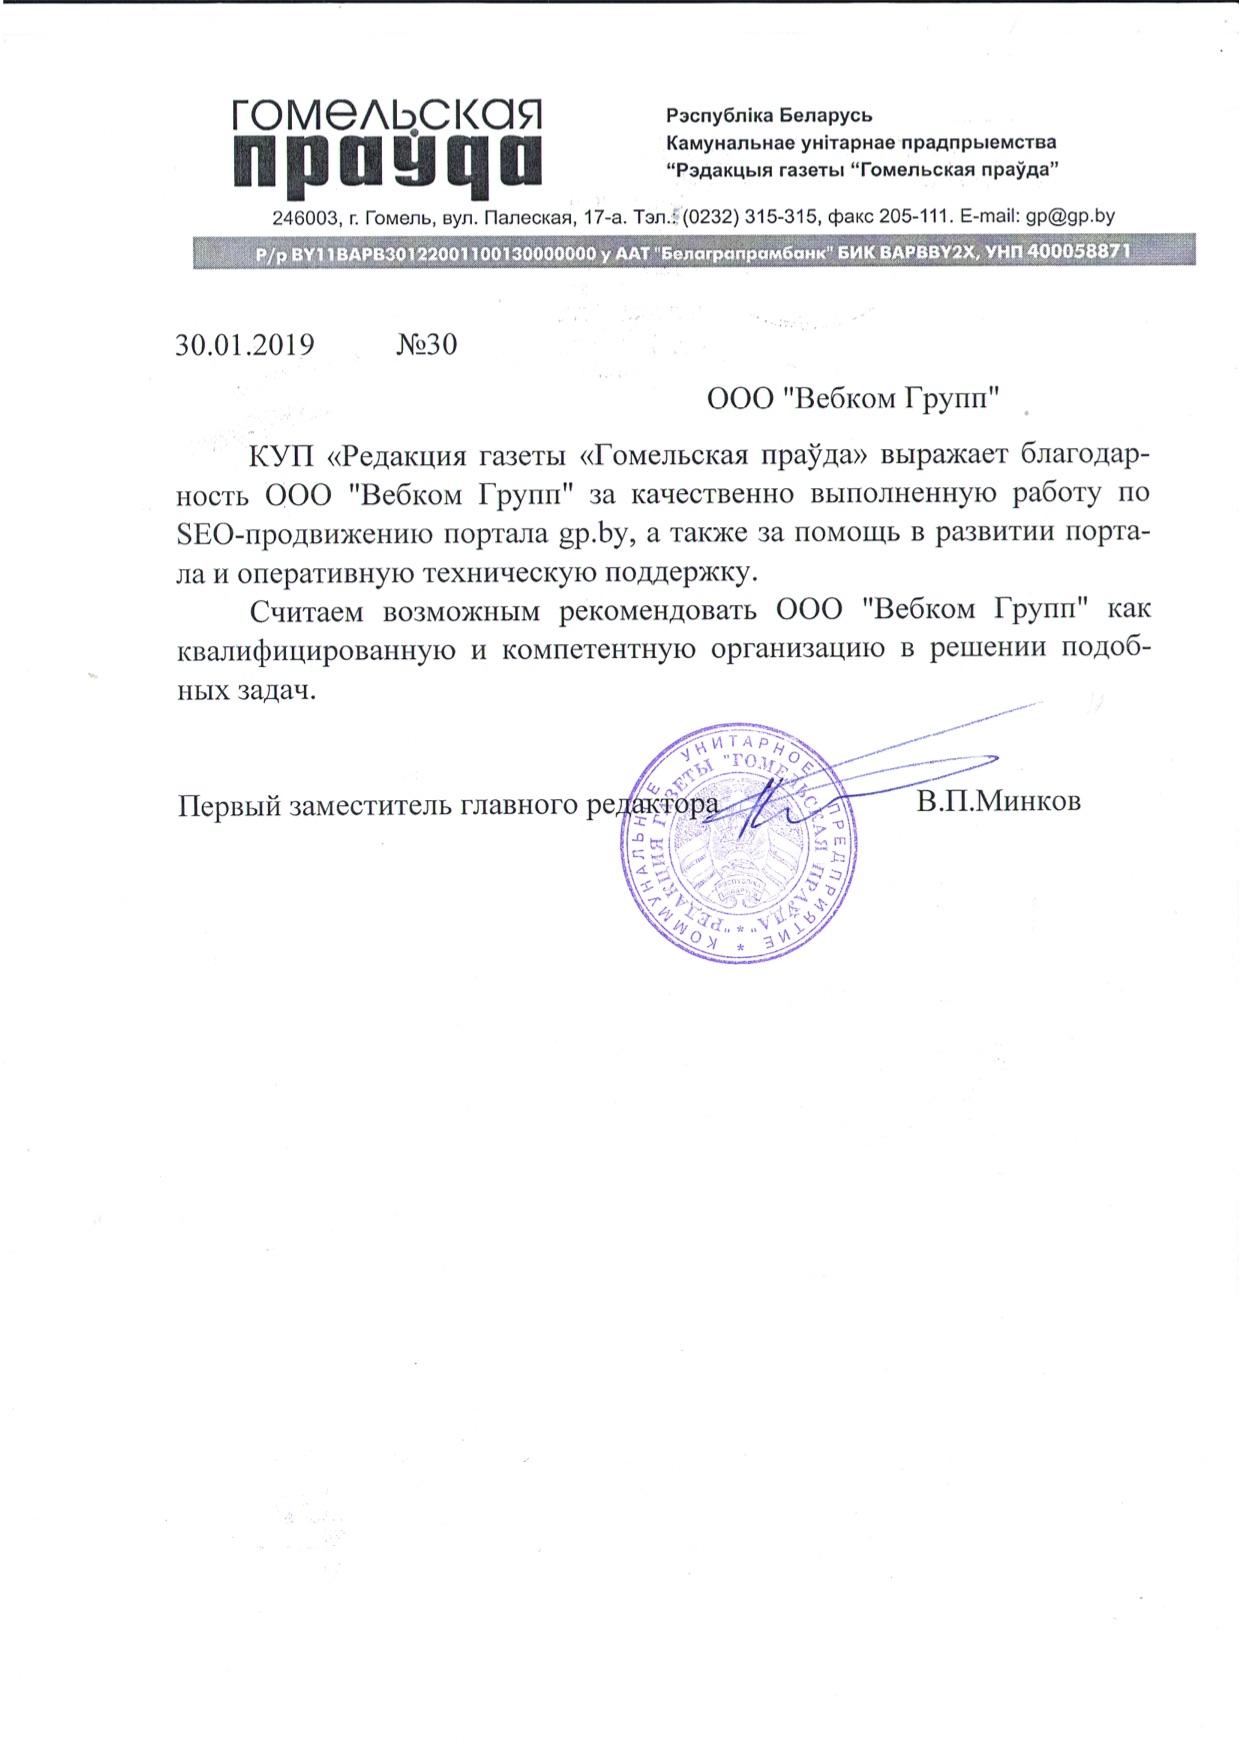 Первый заместитель главного редактора КУП «Редакция газеты «Гомельская праўда»